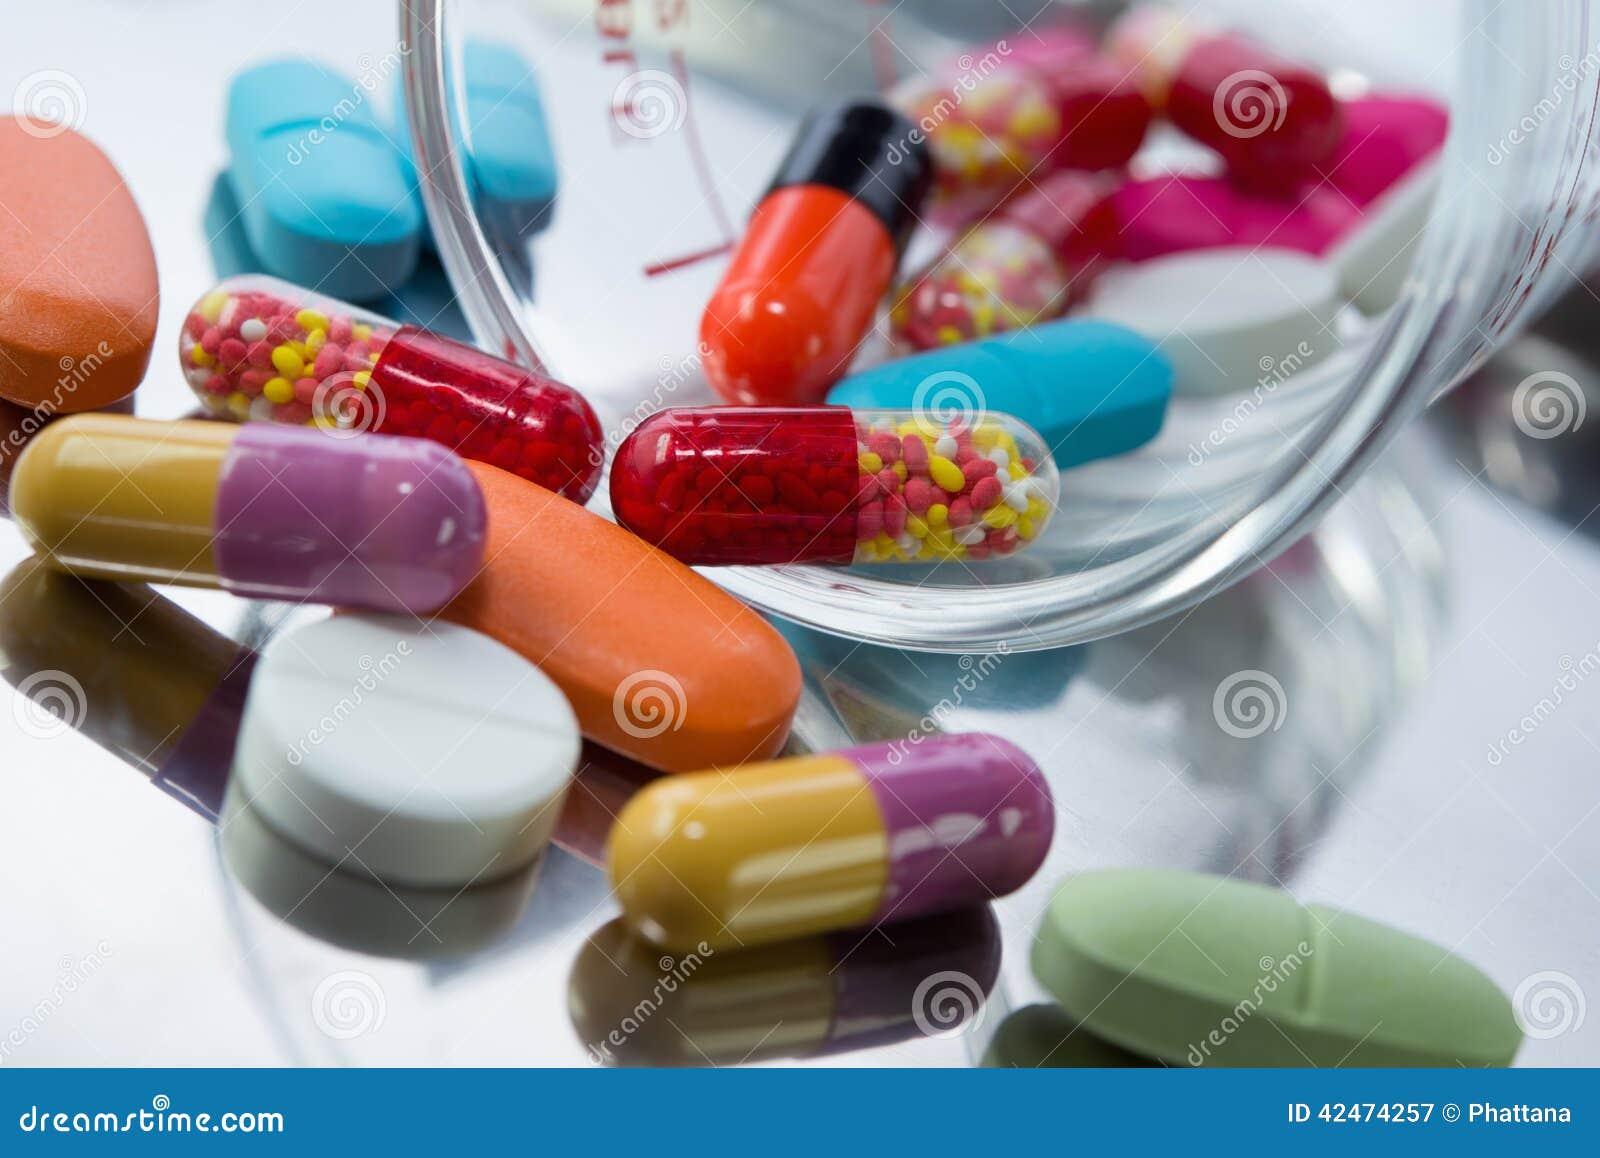 Nahaufnahme vieler bunten Pillen